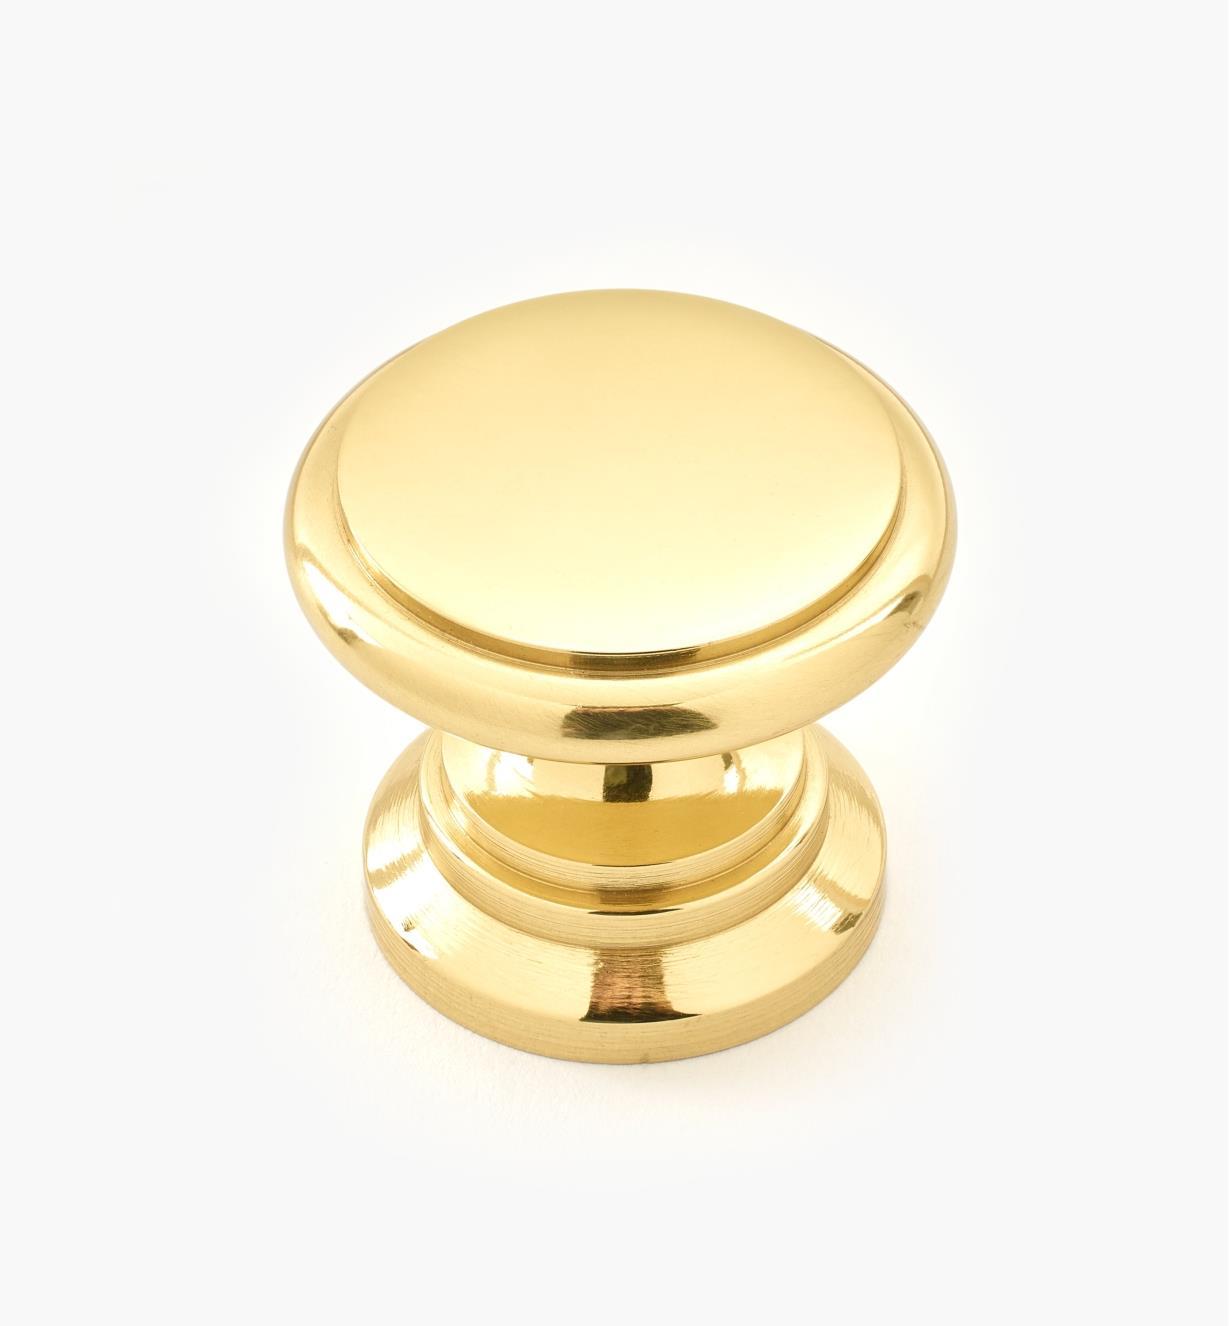 """00W3425 - 1"""" x 13/16"""" Small Brass Knob"""